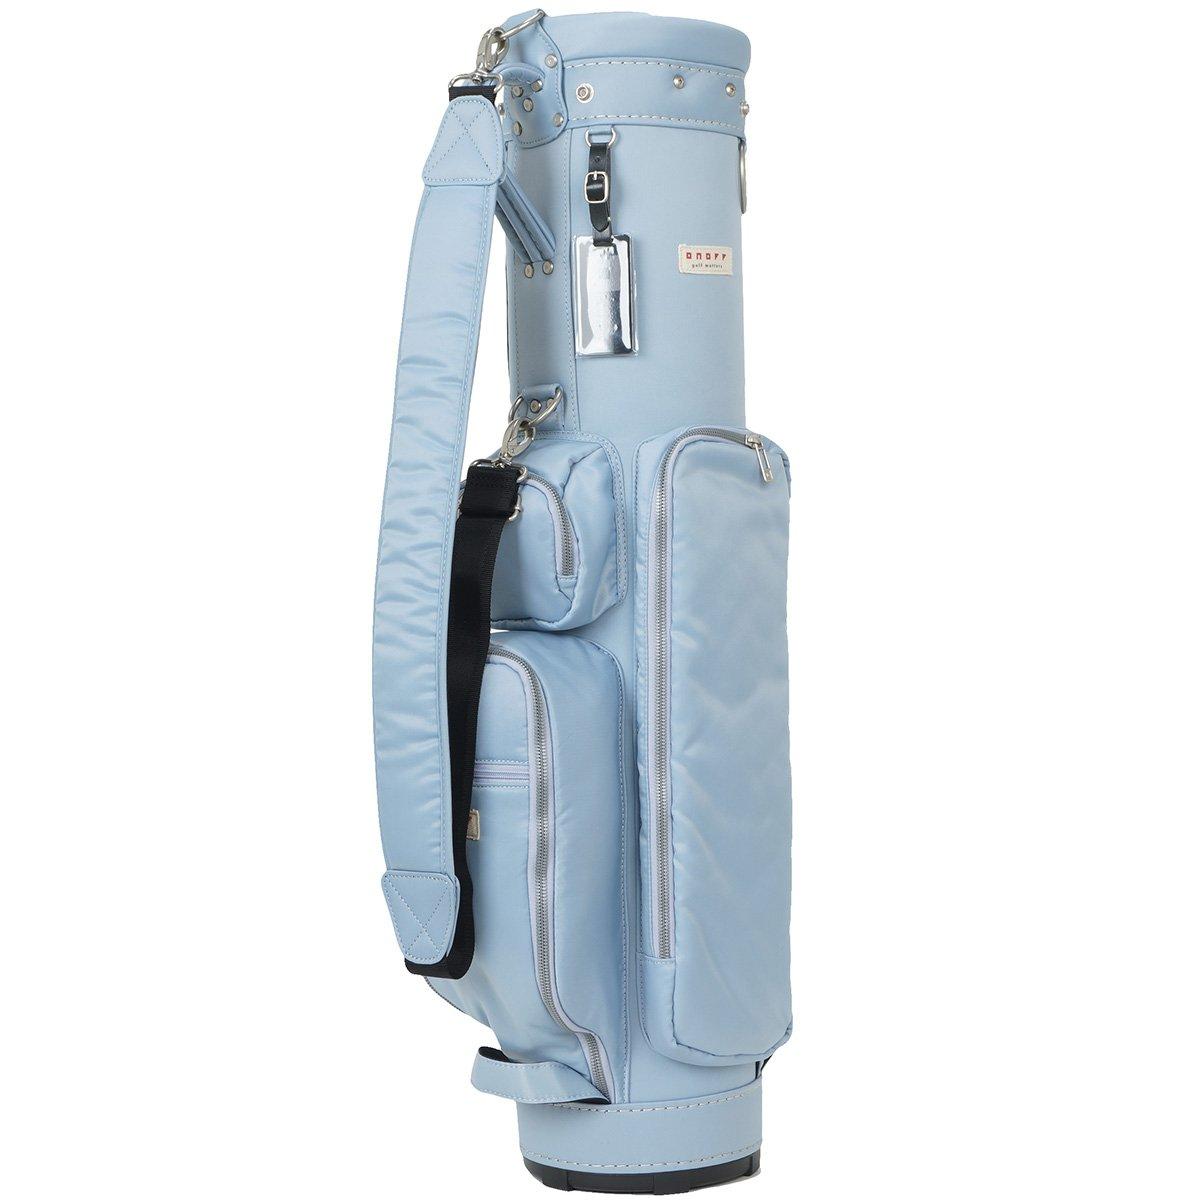 GLOBERIDE(グローブライド) キャディーバッグ ONOFF キャディーバッグ メンズ OB1417-24 SAX サックス   B01MUC5L9C